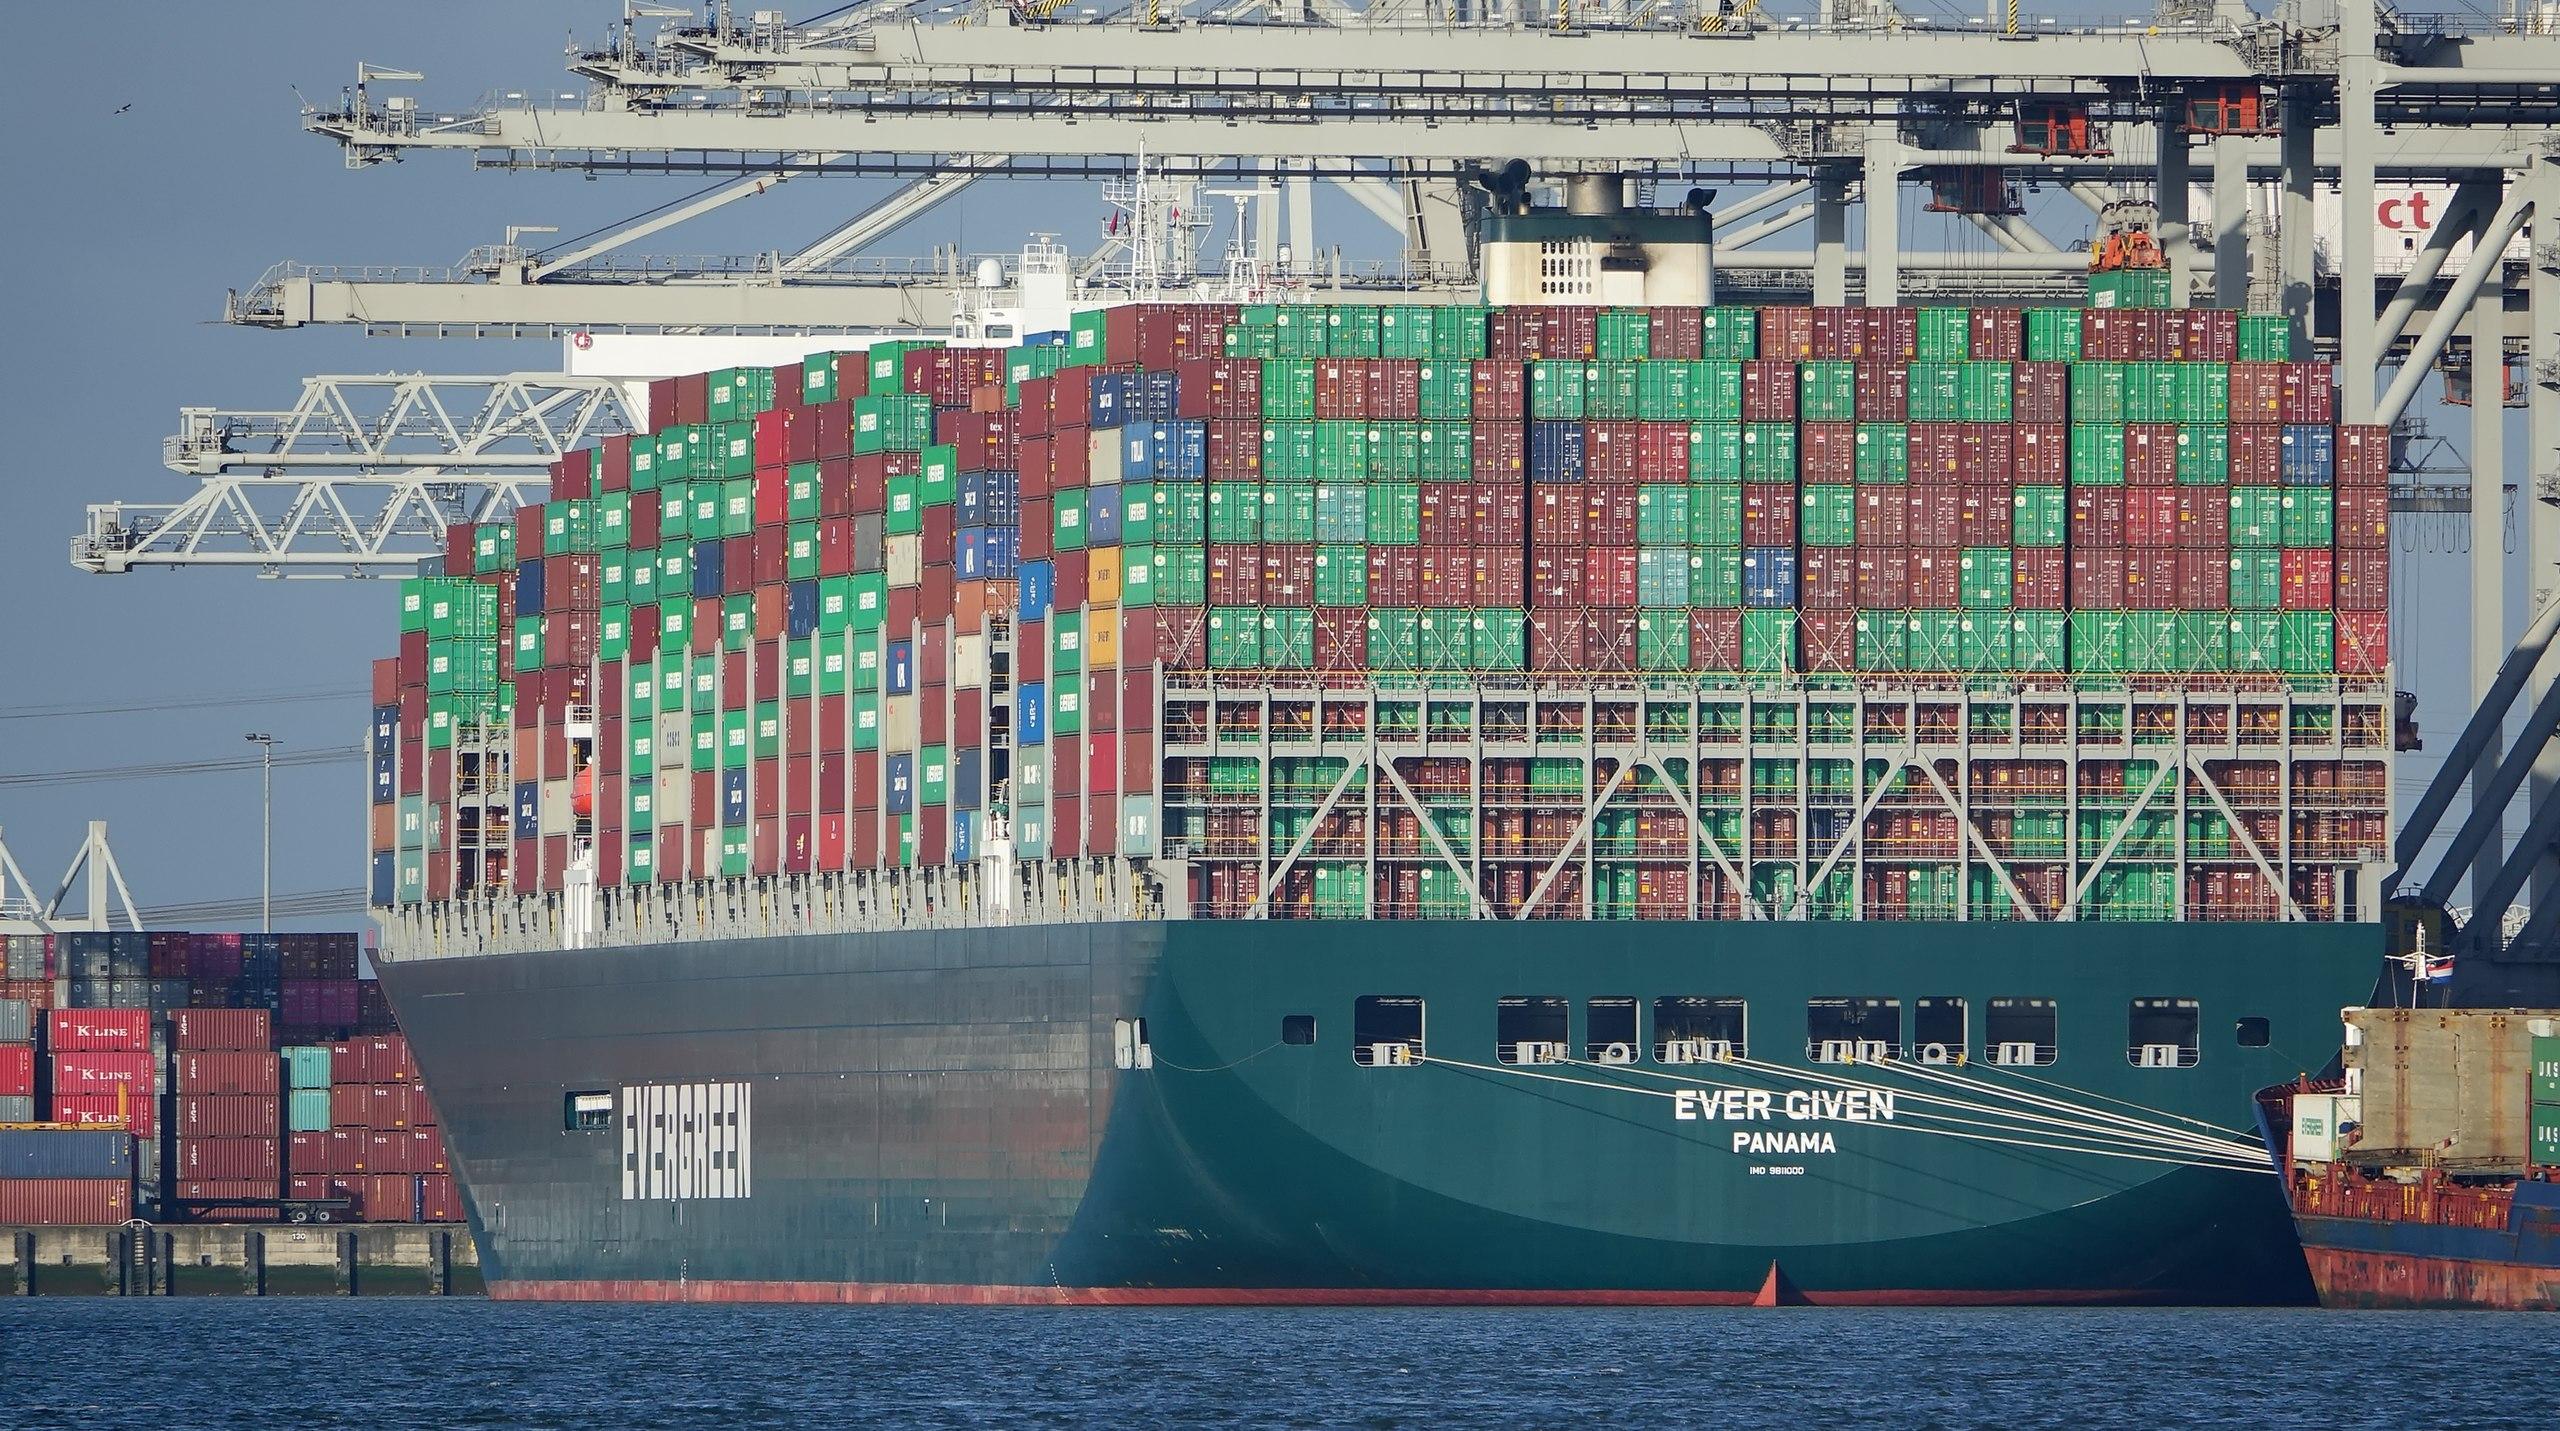 Loď Ever Given momentálne blokuje Suez.